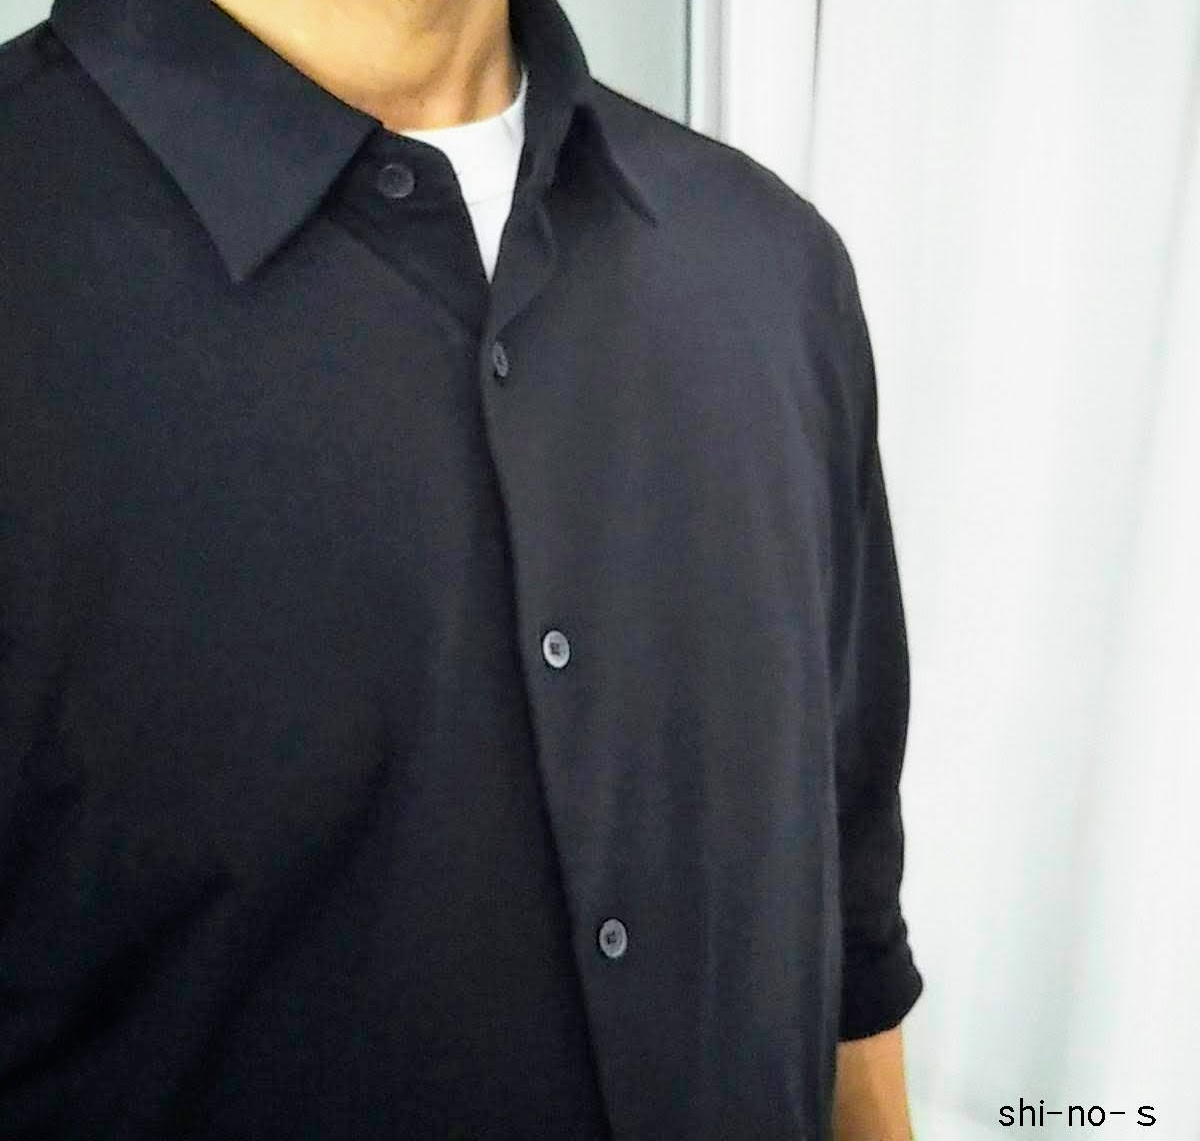 黒シャツの胸元をアップ